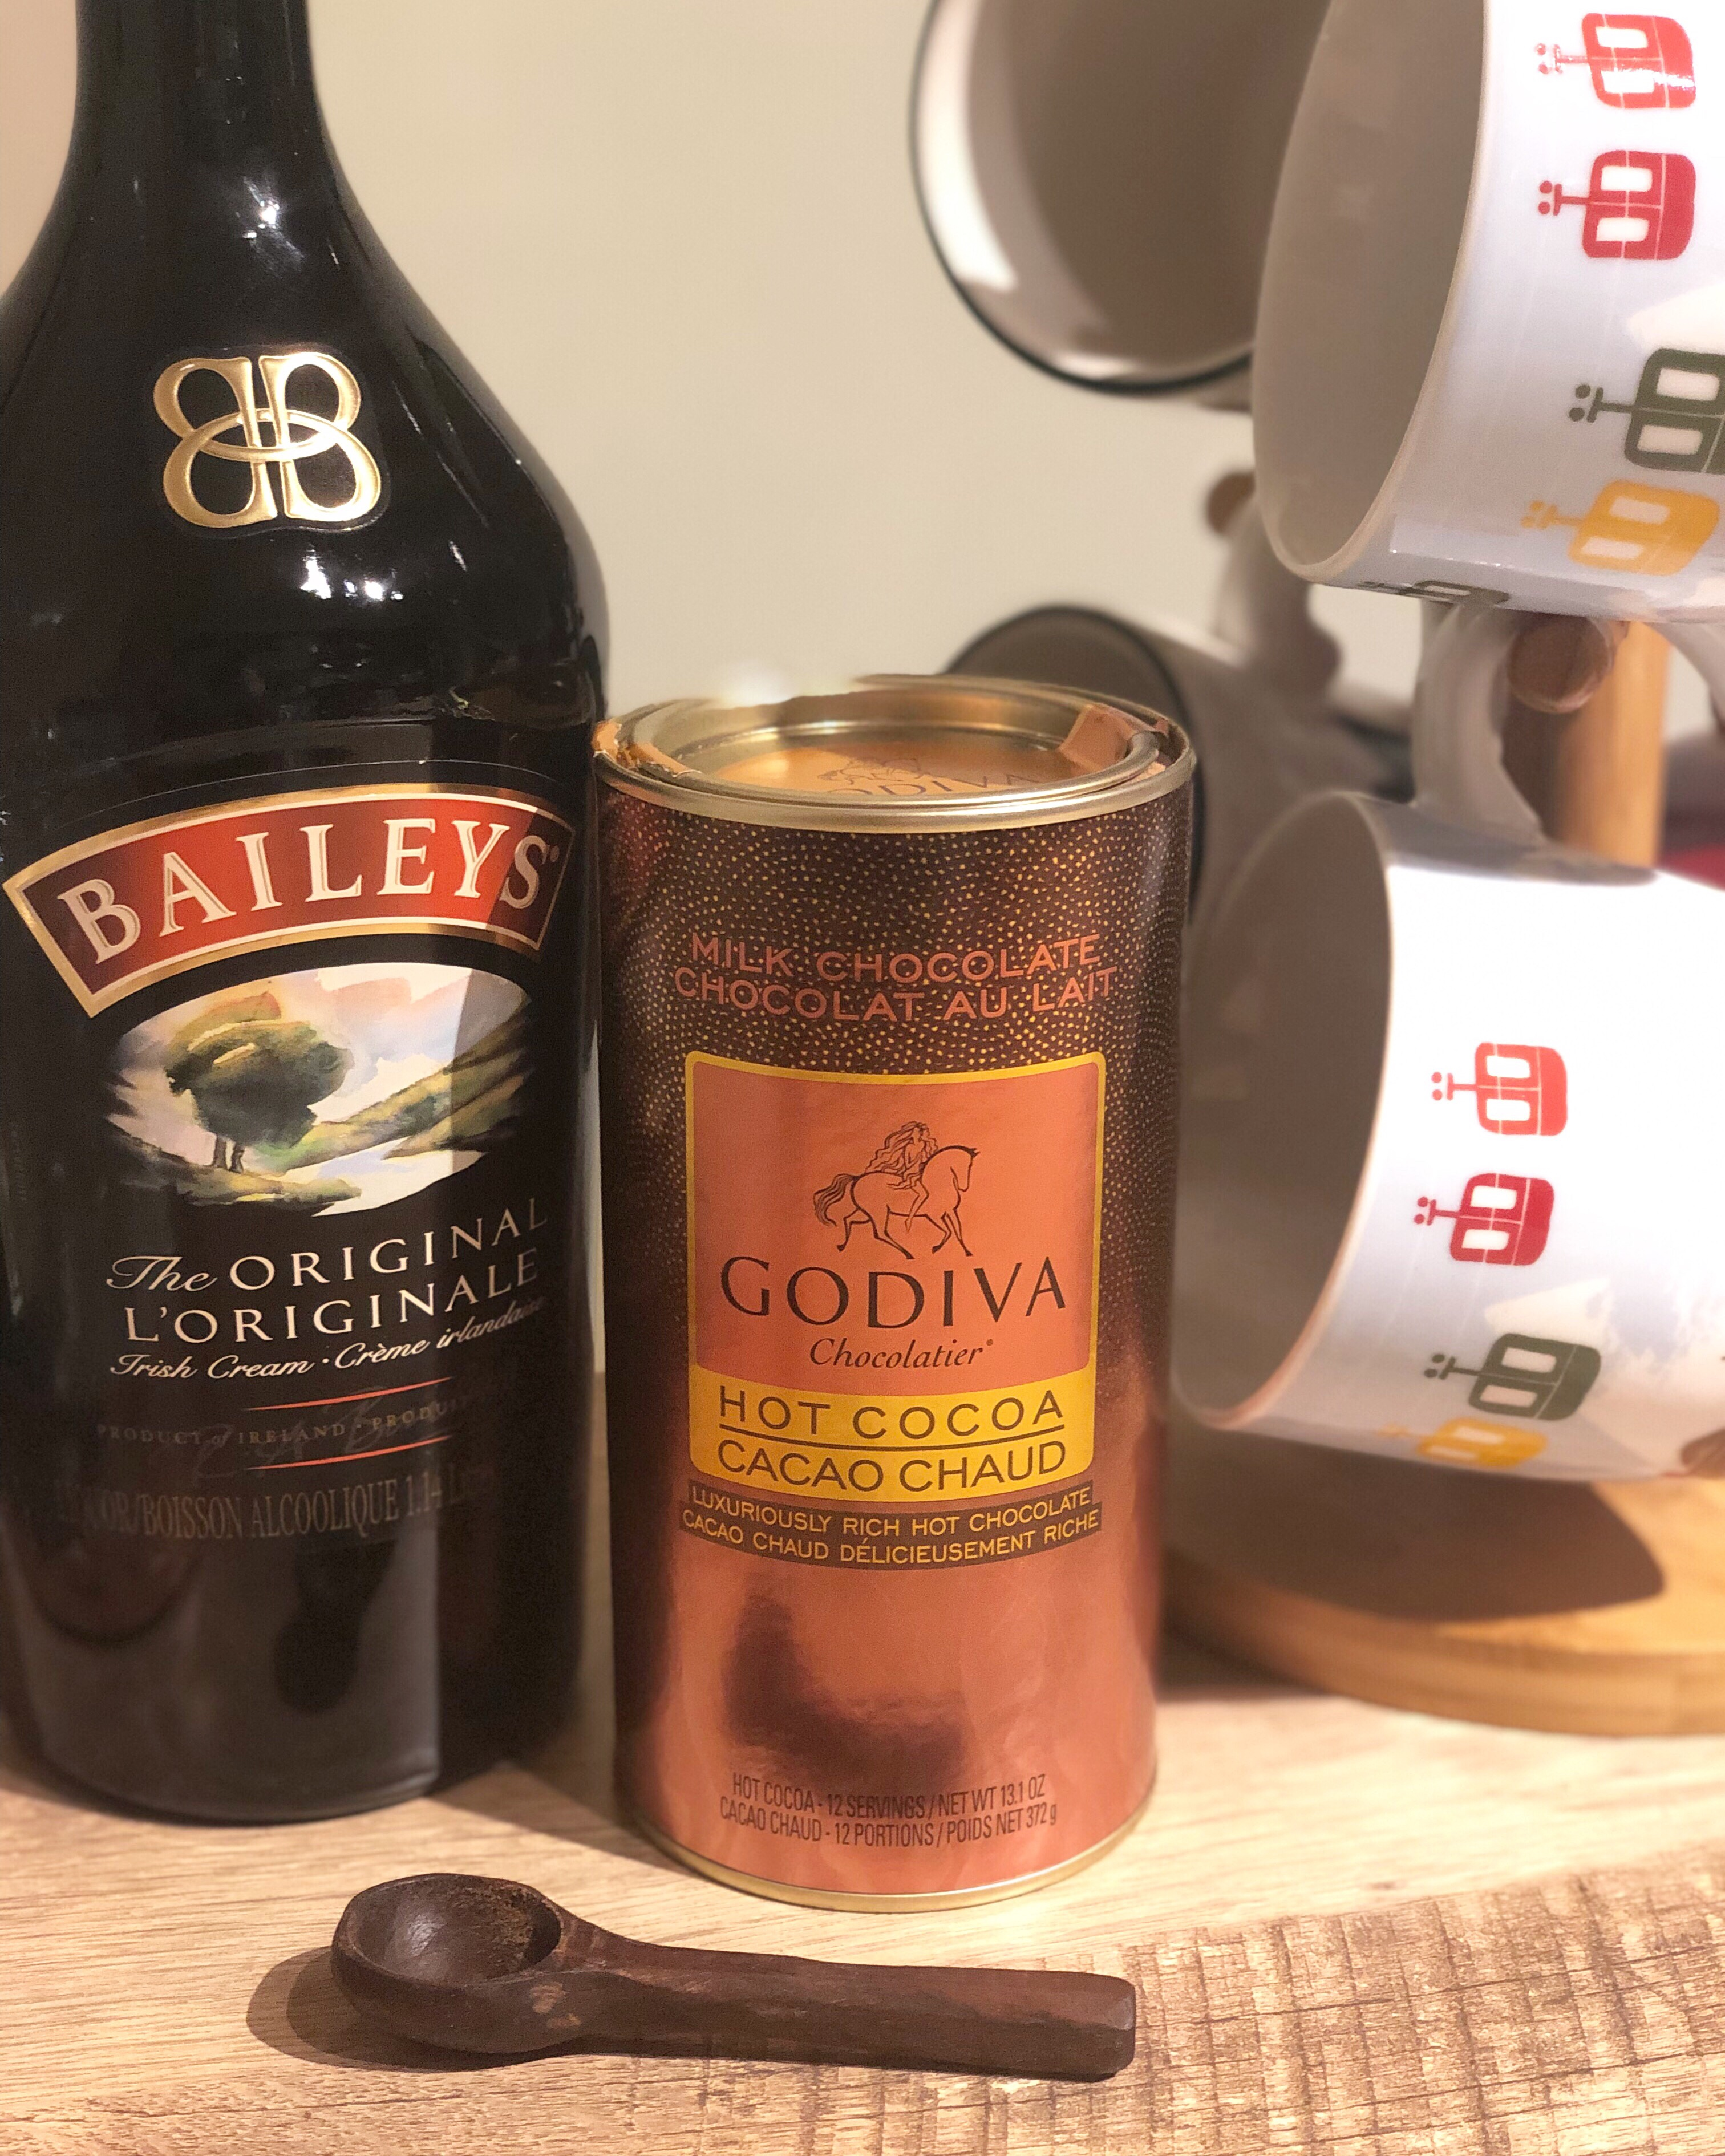 Godiva hot chocolate